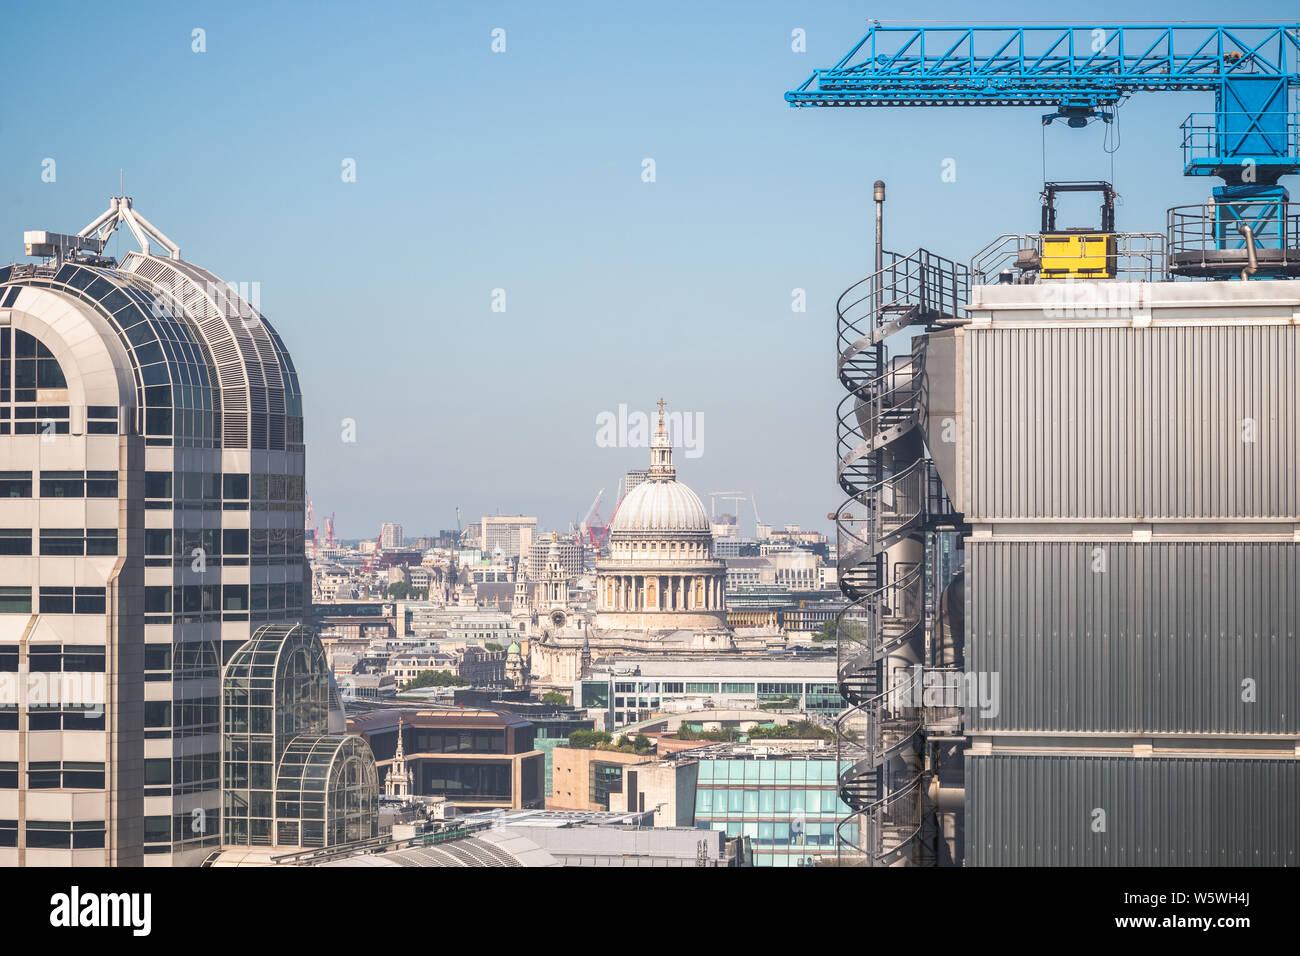 Londoner Stadtbild aus dem Garten auf 120, darunter die St Paul's Kathedrale gesehen Stockfoto